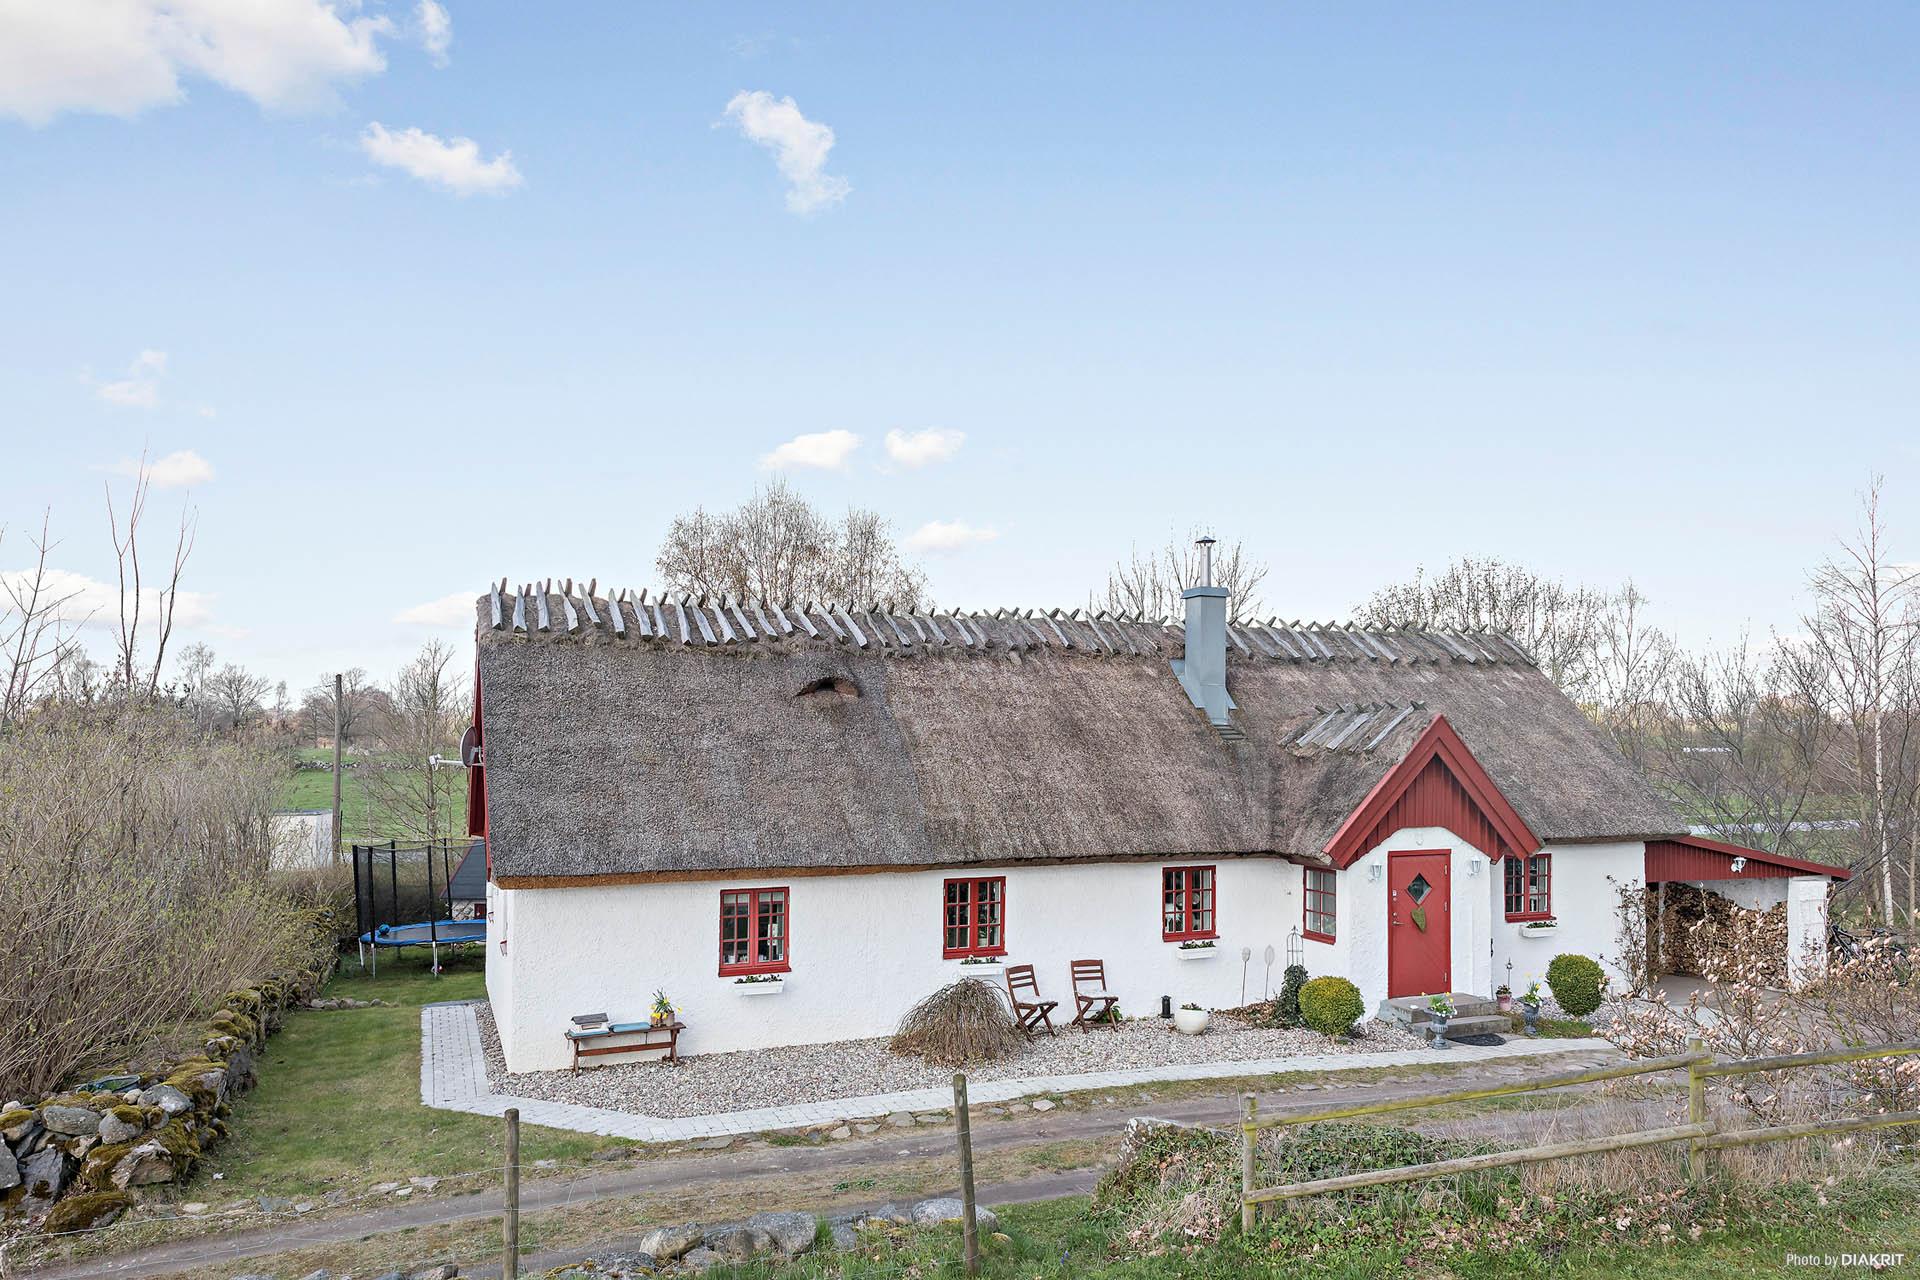 Välkommen till Mansdalavägen 48! Strax utanför Vä, i närheten av Planeternas område ligger detta pittoreska vackra hus!